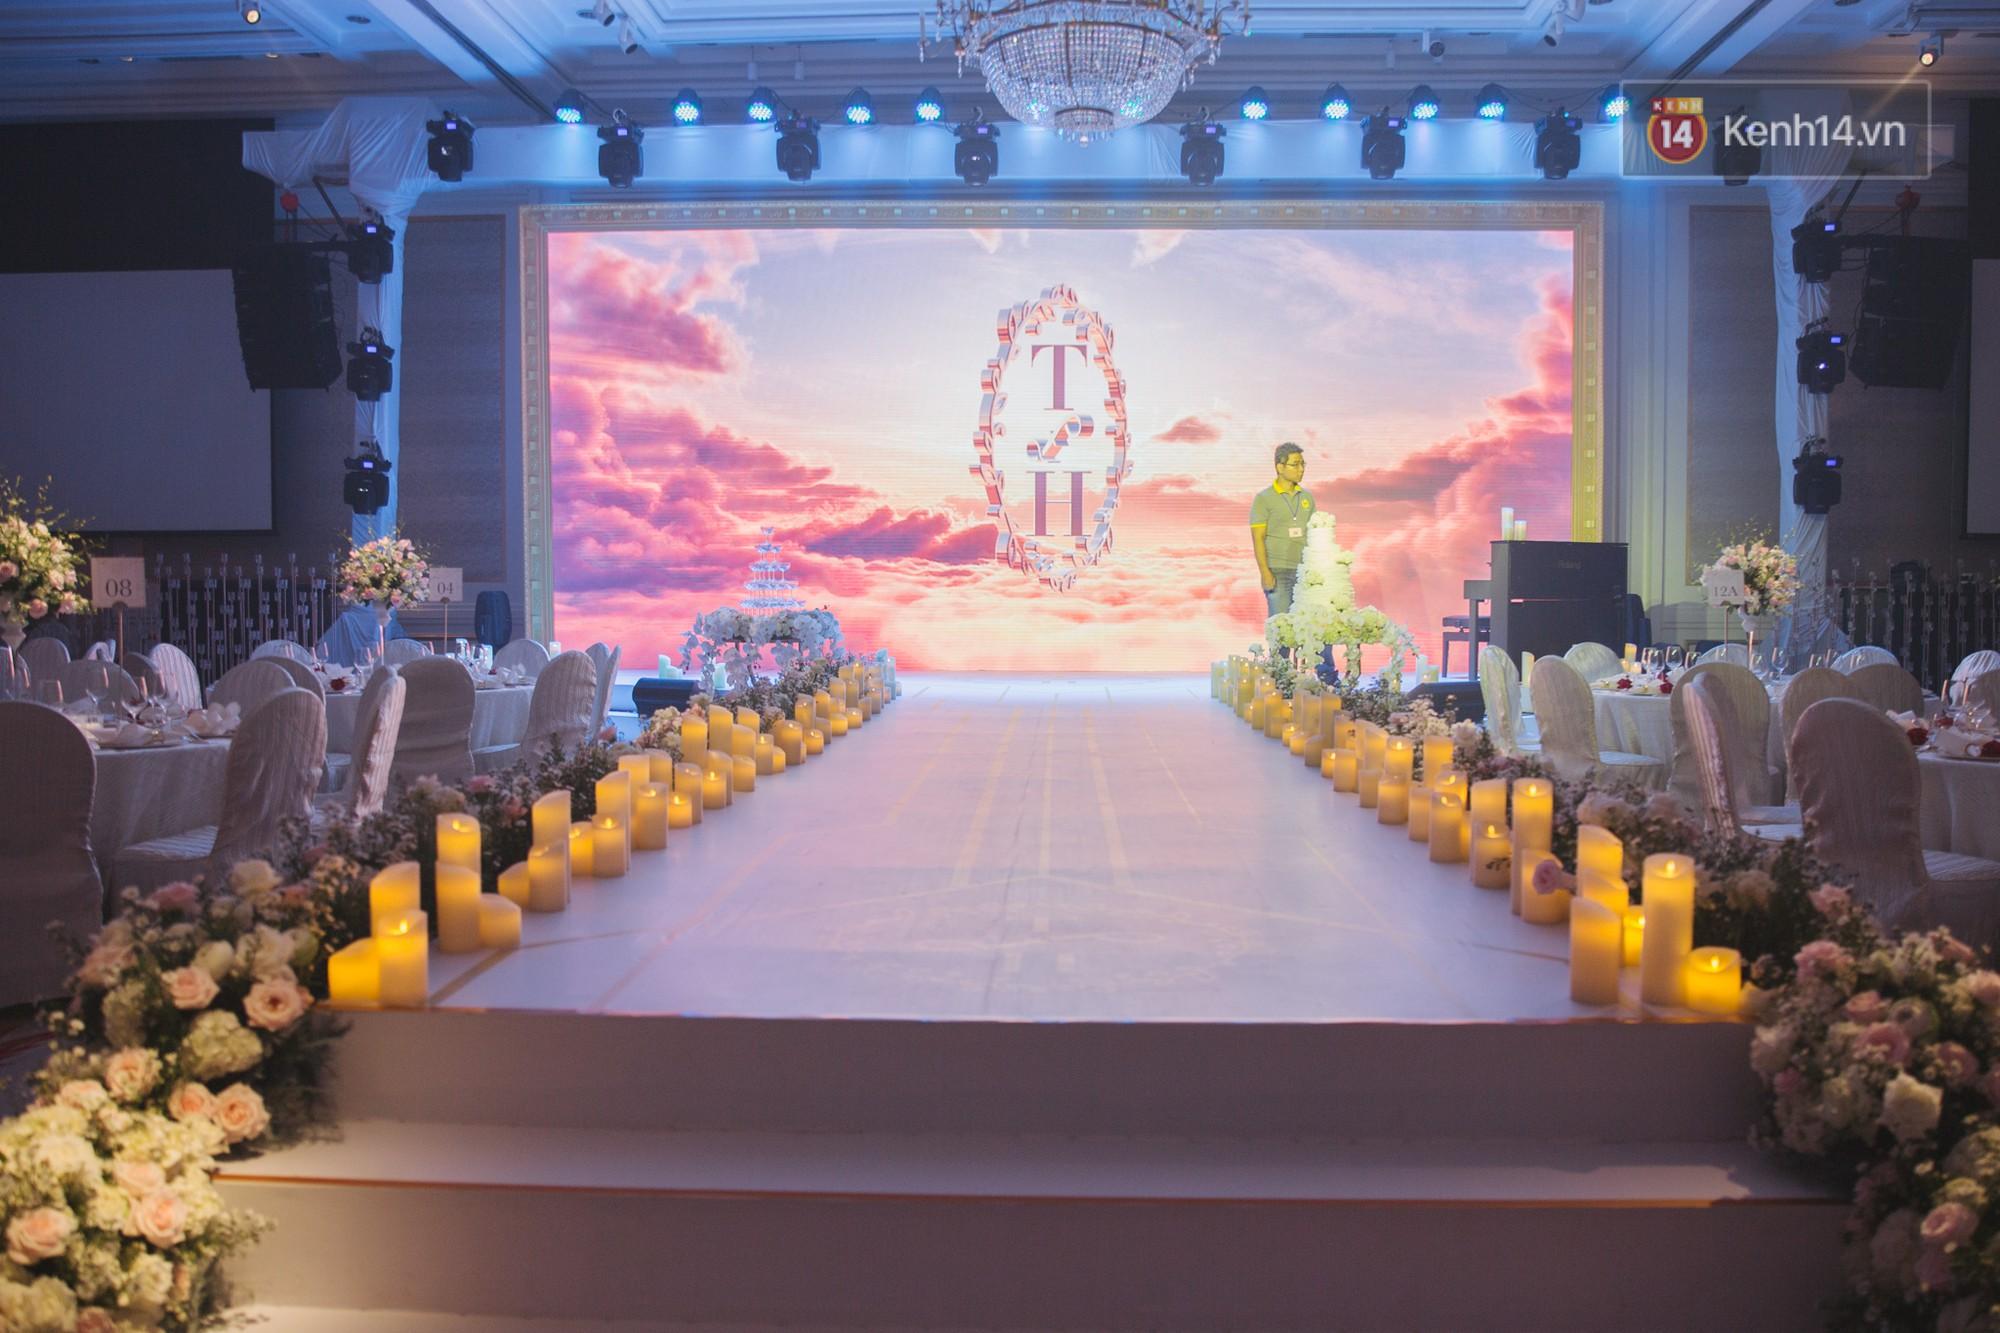 Hé lộ không gian cưới sang trọng của ca sĩ Lê Hiếu và bà xã Thu Trang - Ảnh 13.